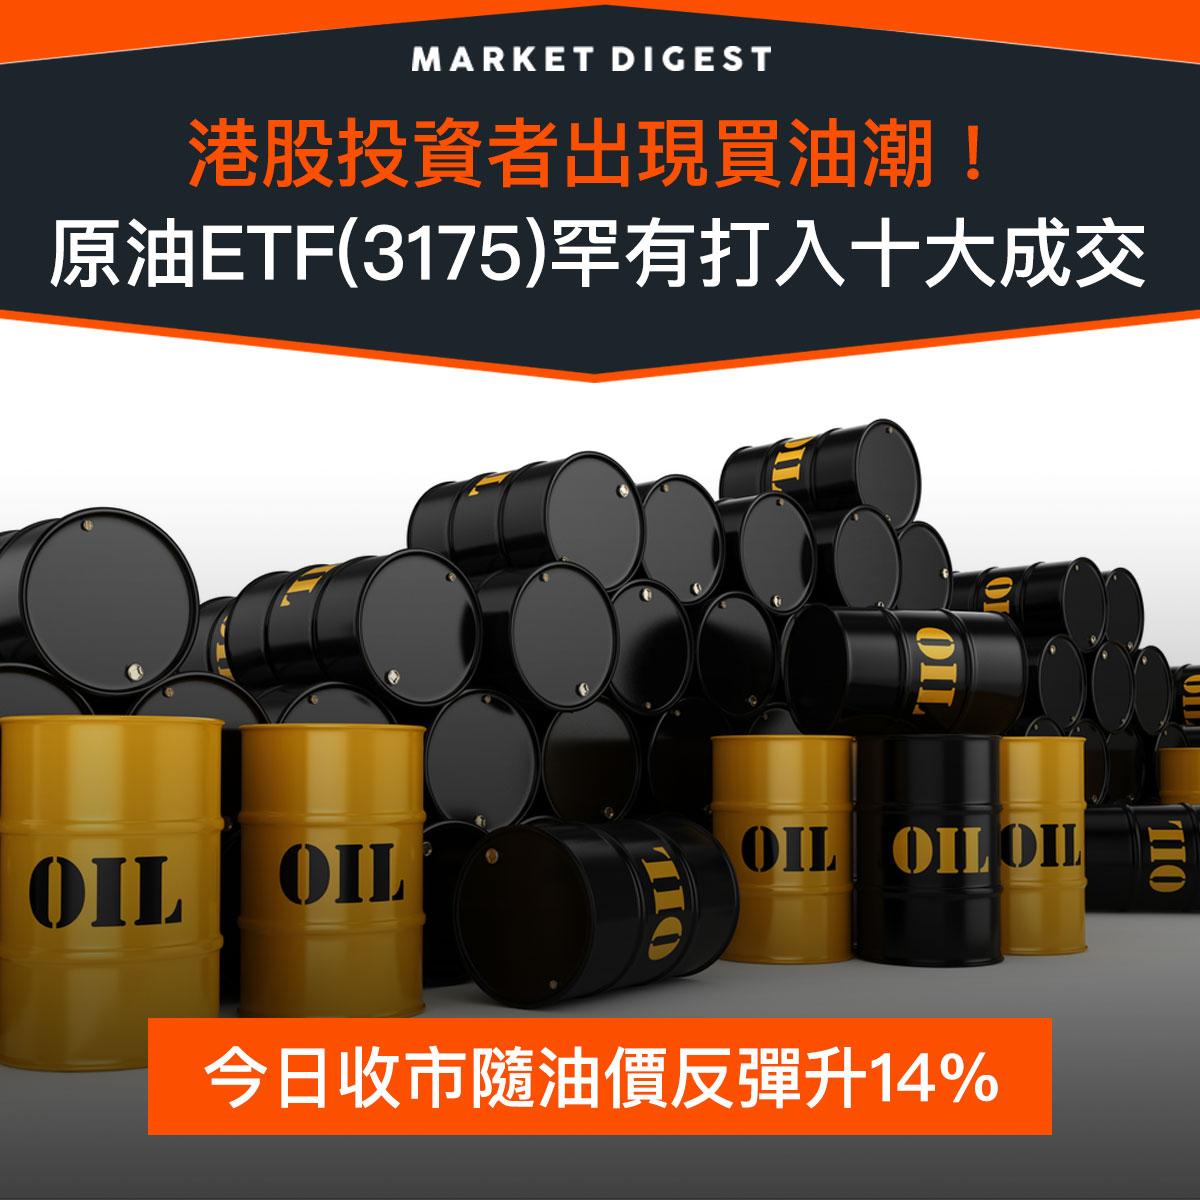 【市場熱話】港股投資者出現買油潮!三星原油ETF(3175)罕有打入成交榜